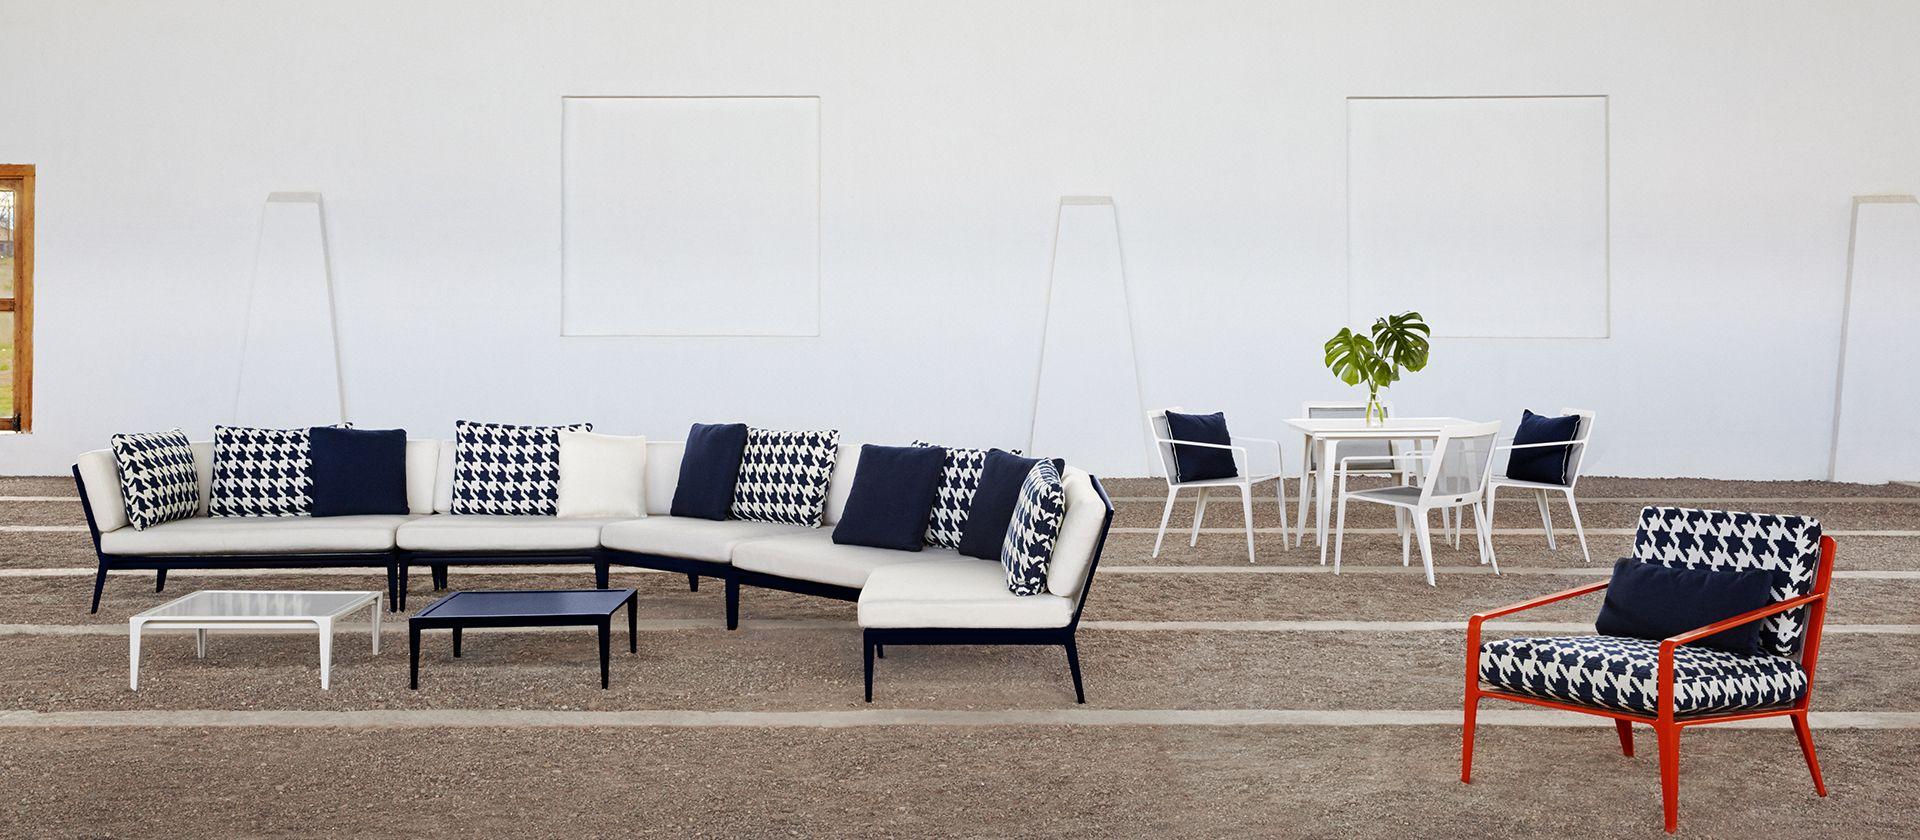 Virginia Beach Furniture And Interior Design Willis Furniture